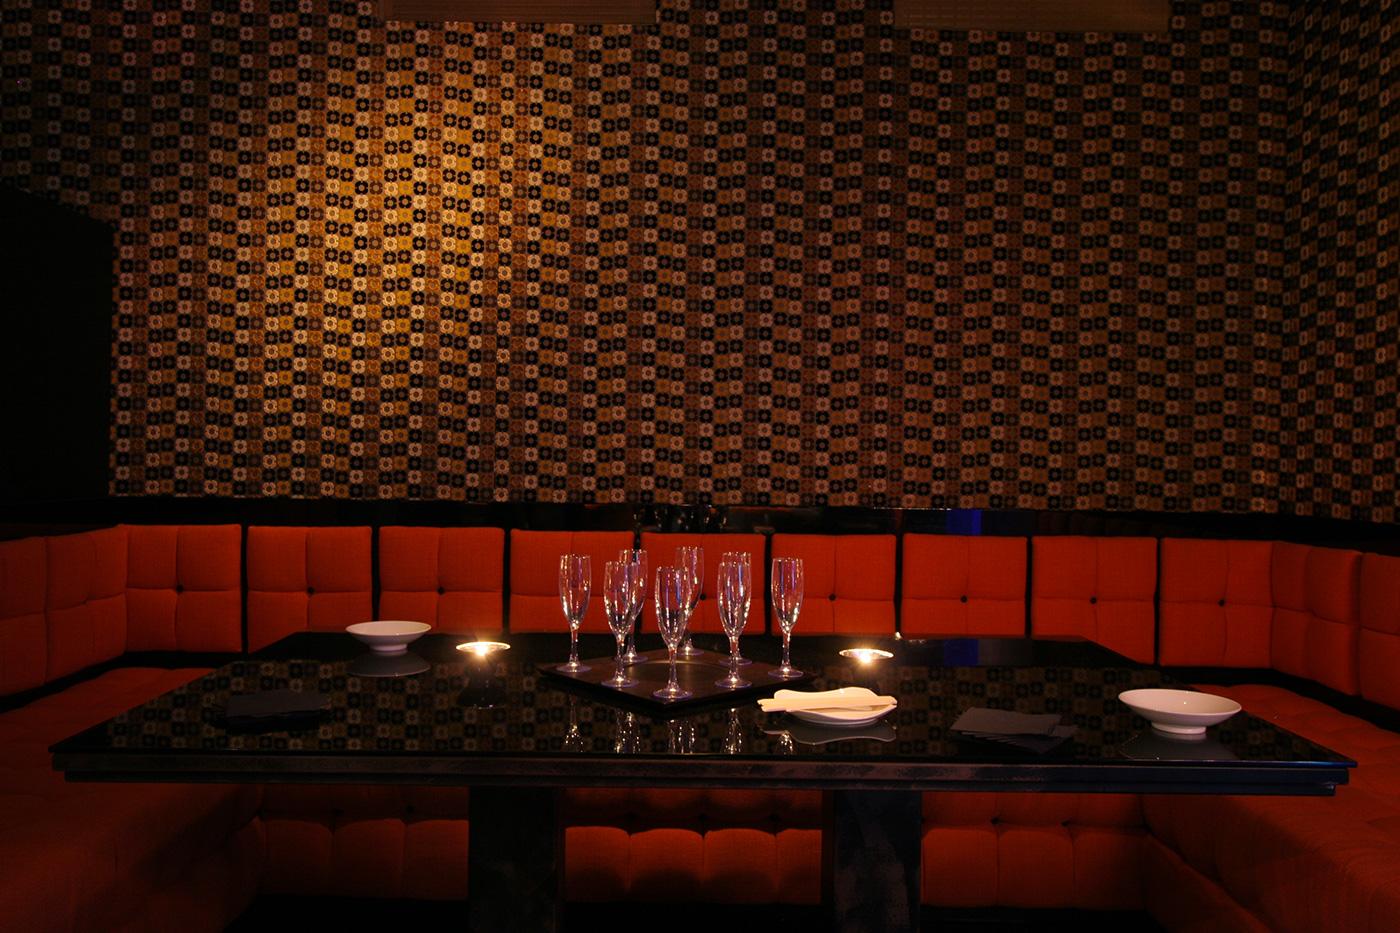 Illuminazione Tavoli Ristorante : Illuminare in modo corretto il vostro ristorante ecco come fare